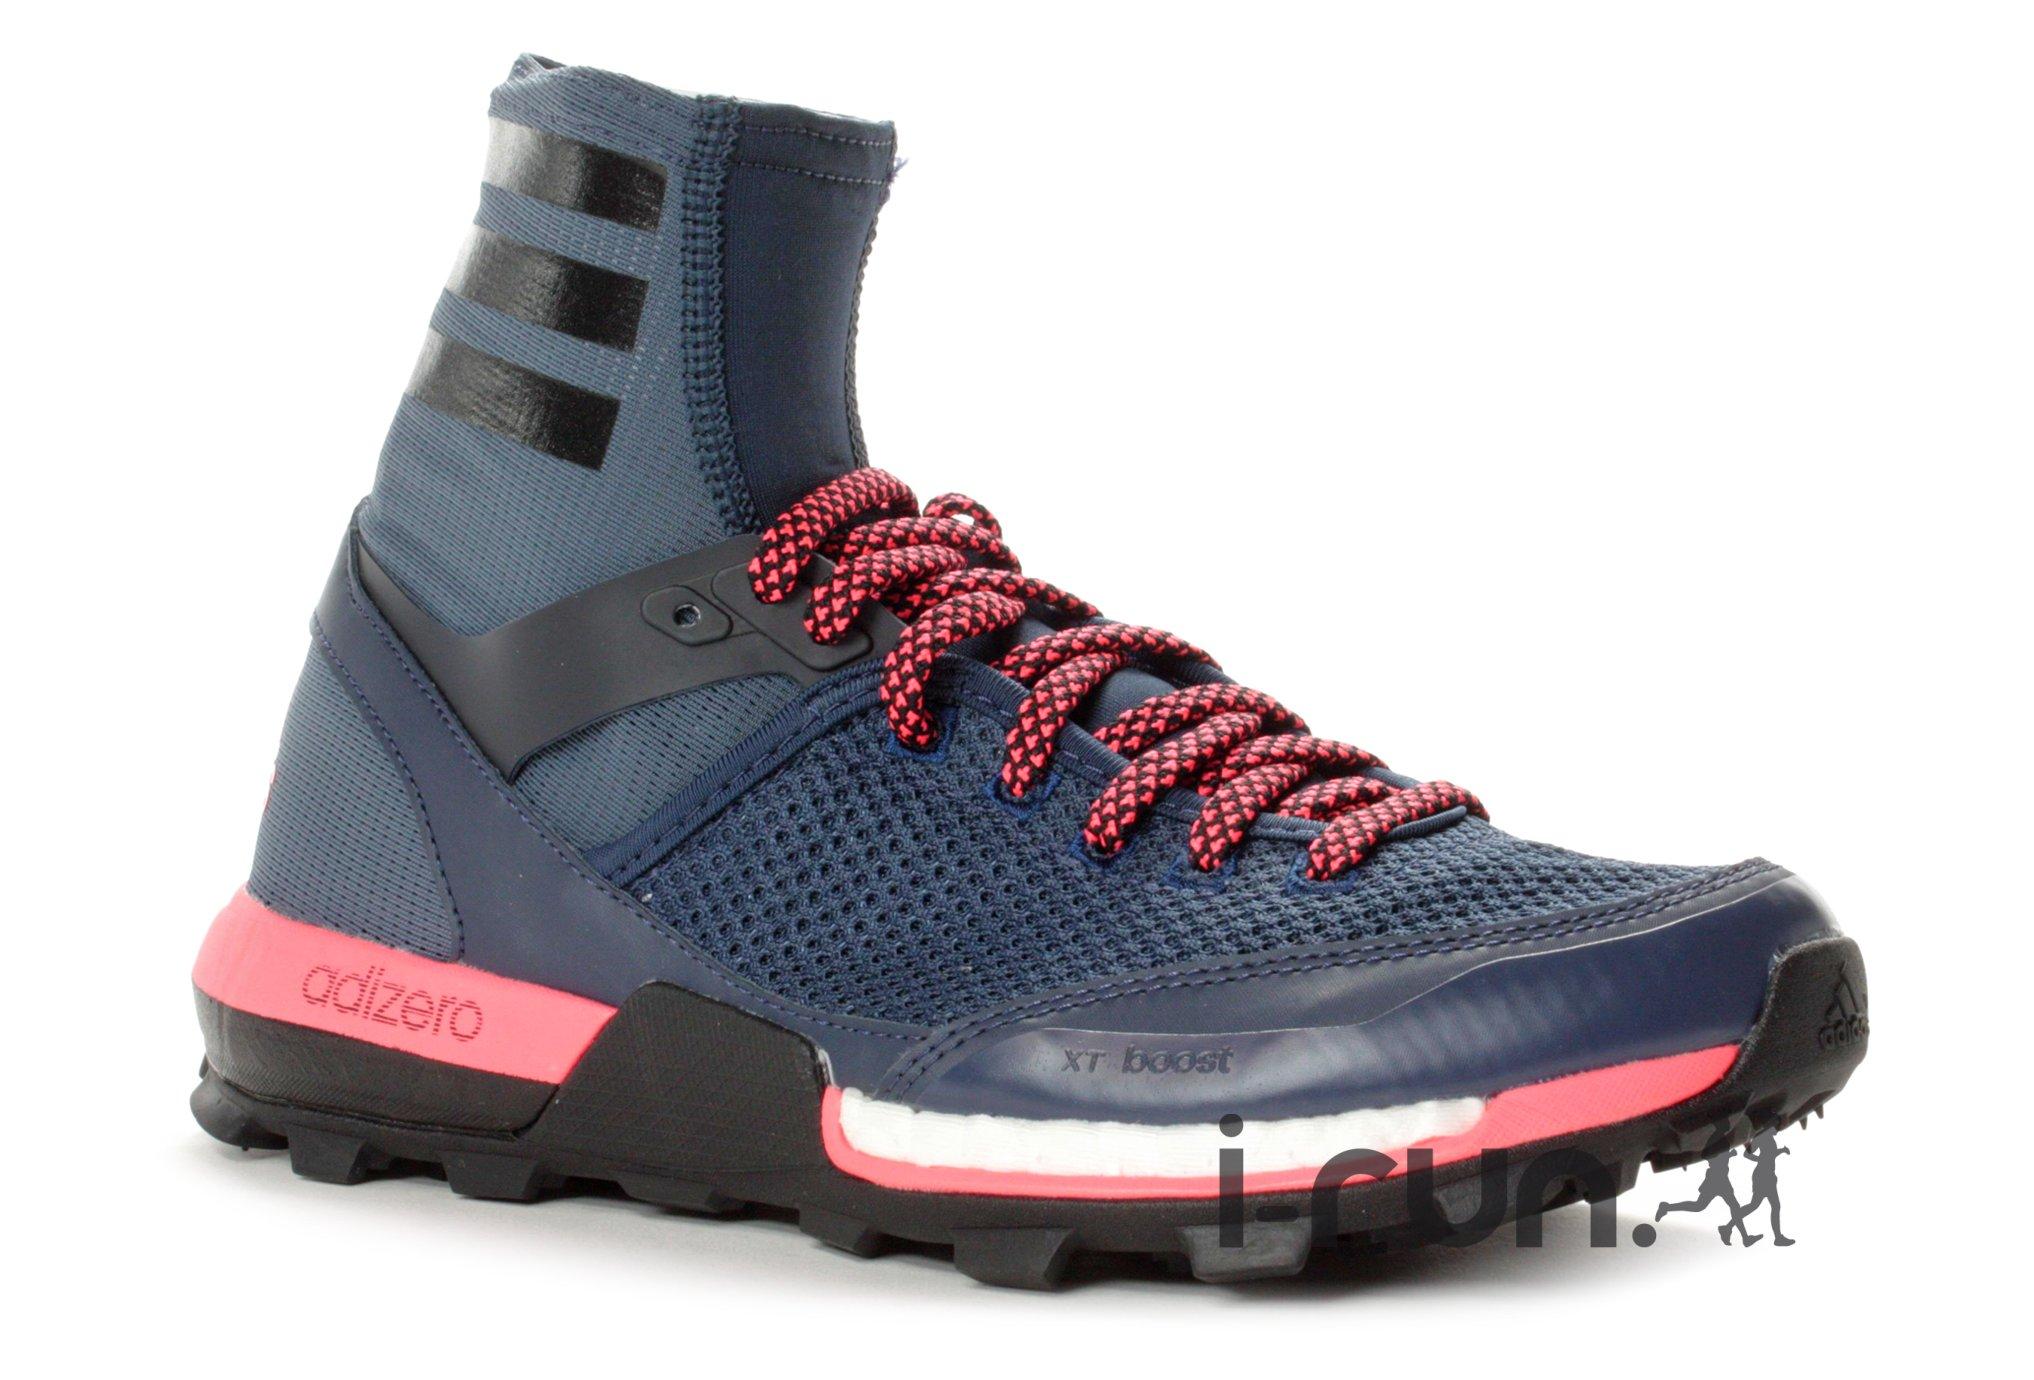 Adidas Adizero xt boost w diététique chaussures femme